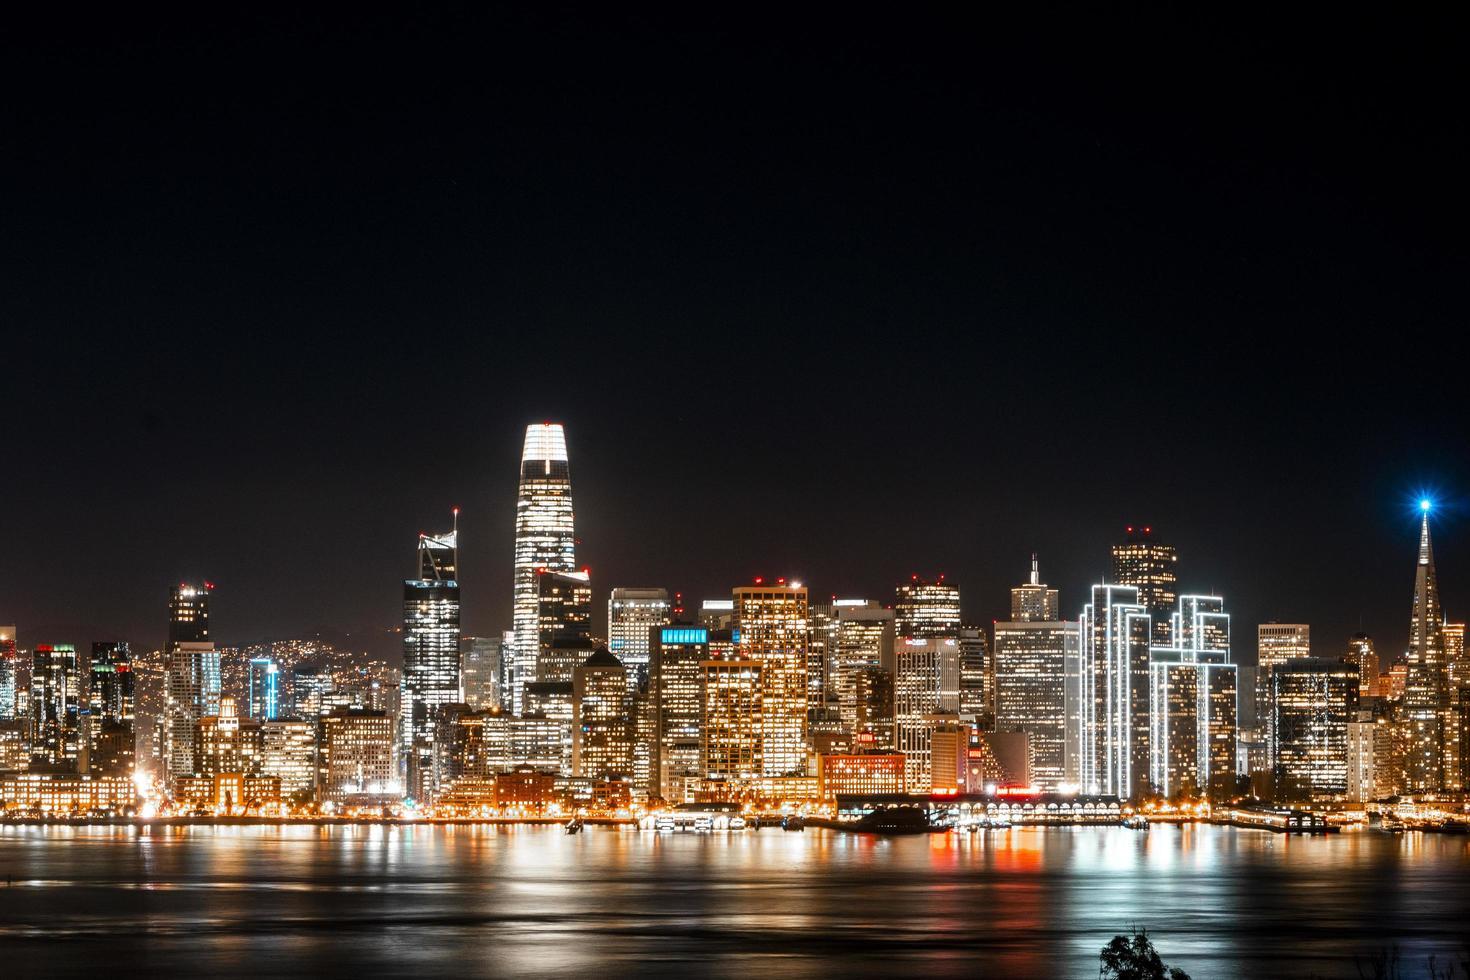 skyline van de stad tijdens de nacht foto